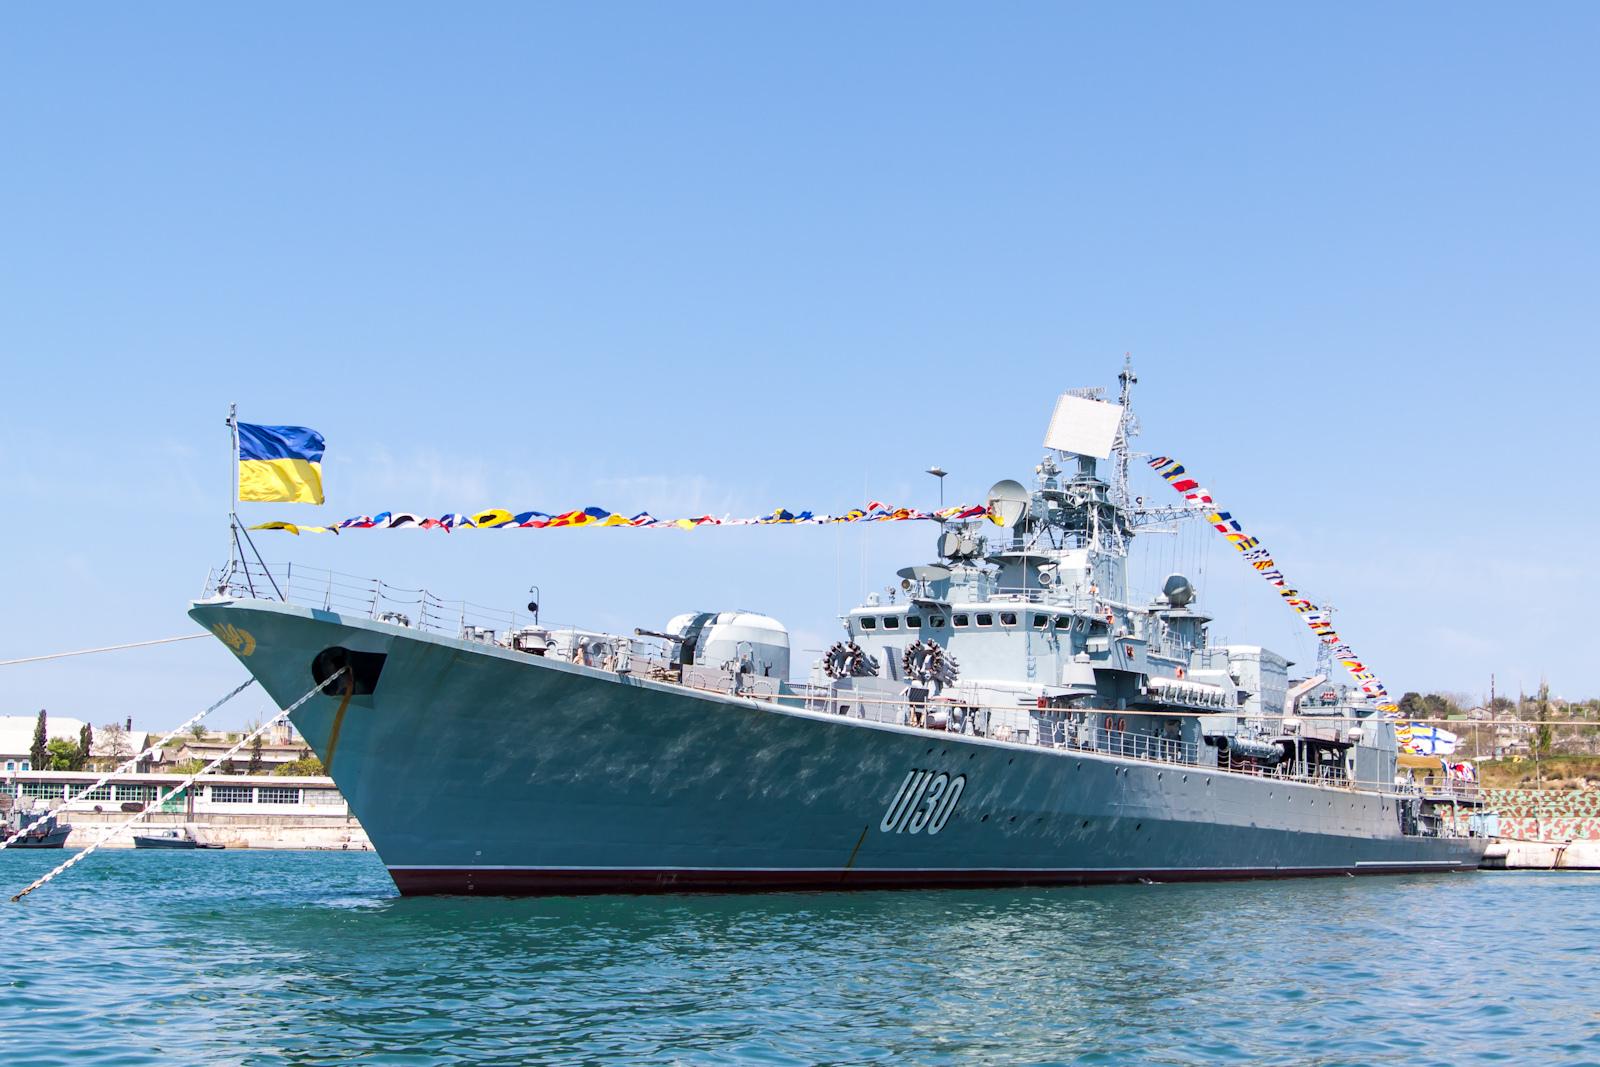 ukrainian frigate U130